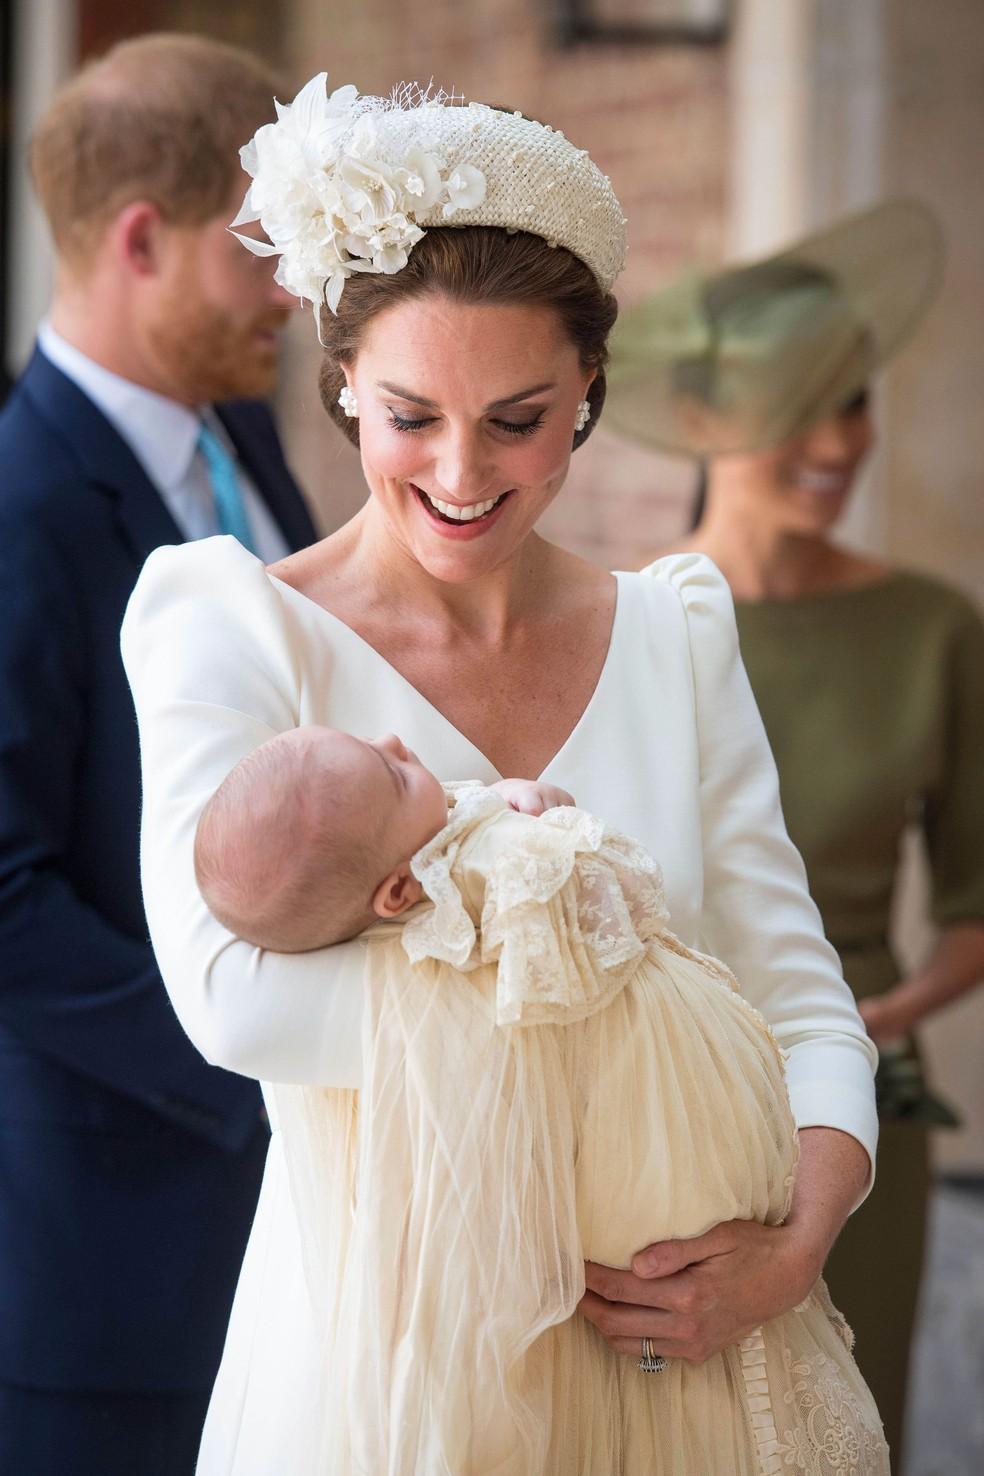 Kate Middleton chega com príncipe Louis no colo à capela real Saint James, em Londres, onde ele será batizado nesta segunda (9) (Foto: Dominic Lipinski/AP)